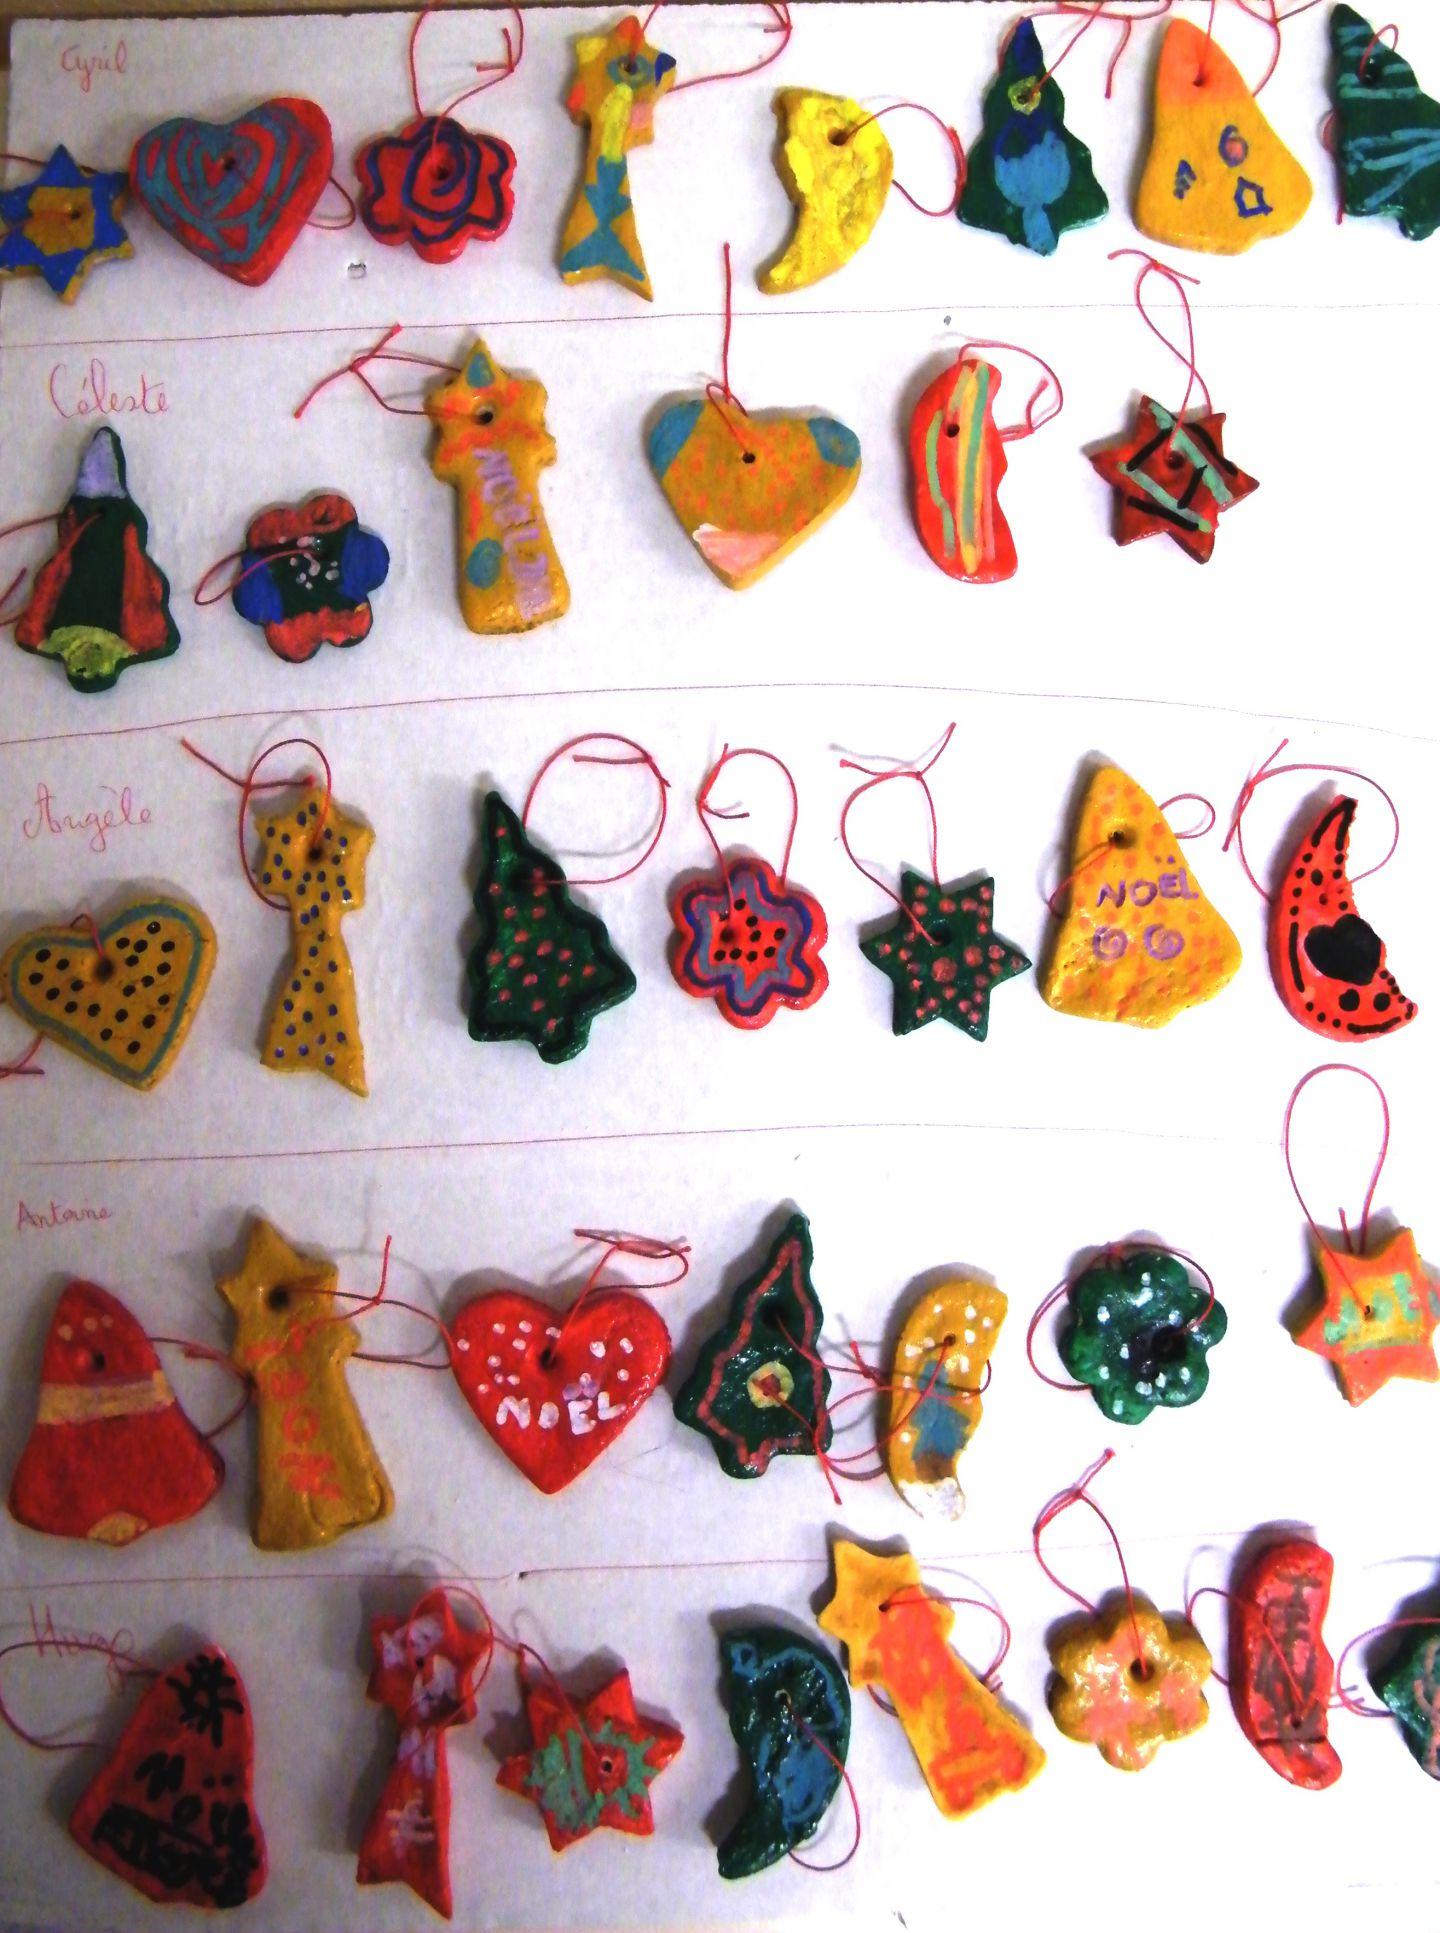 #C39308 Déco De Noël 2012 CE1 Classe De Mme Boni Ecole Des  5711 idée décoration noel ce1 1440x1933 px @ aertt.com